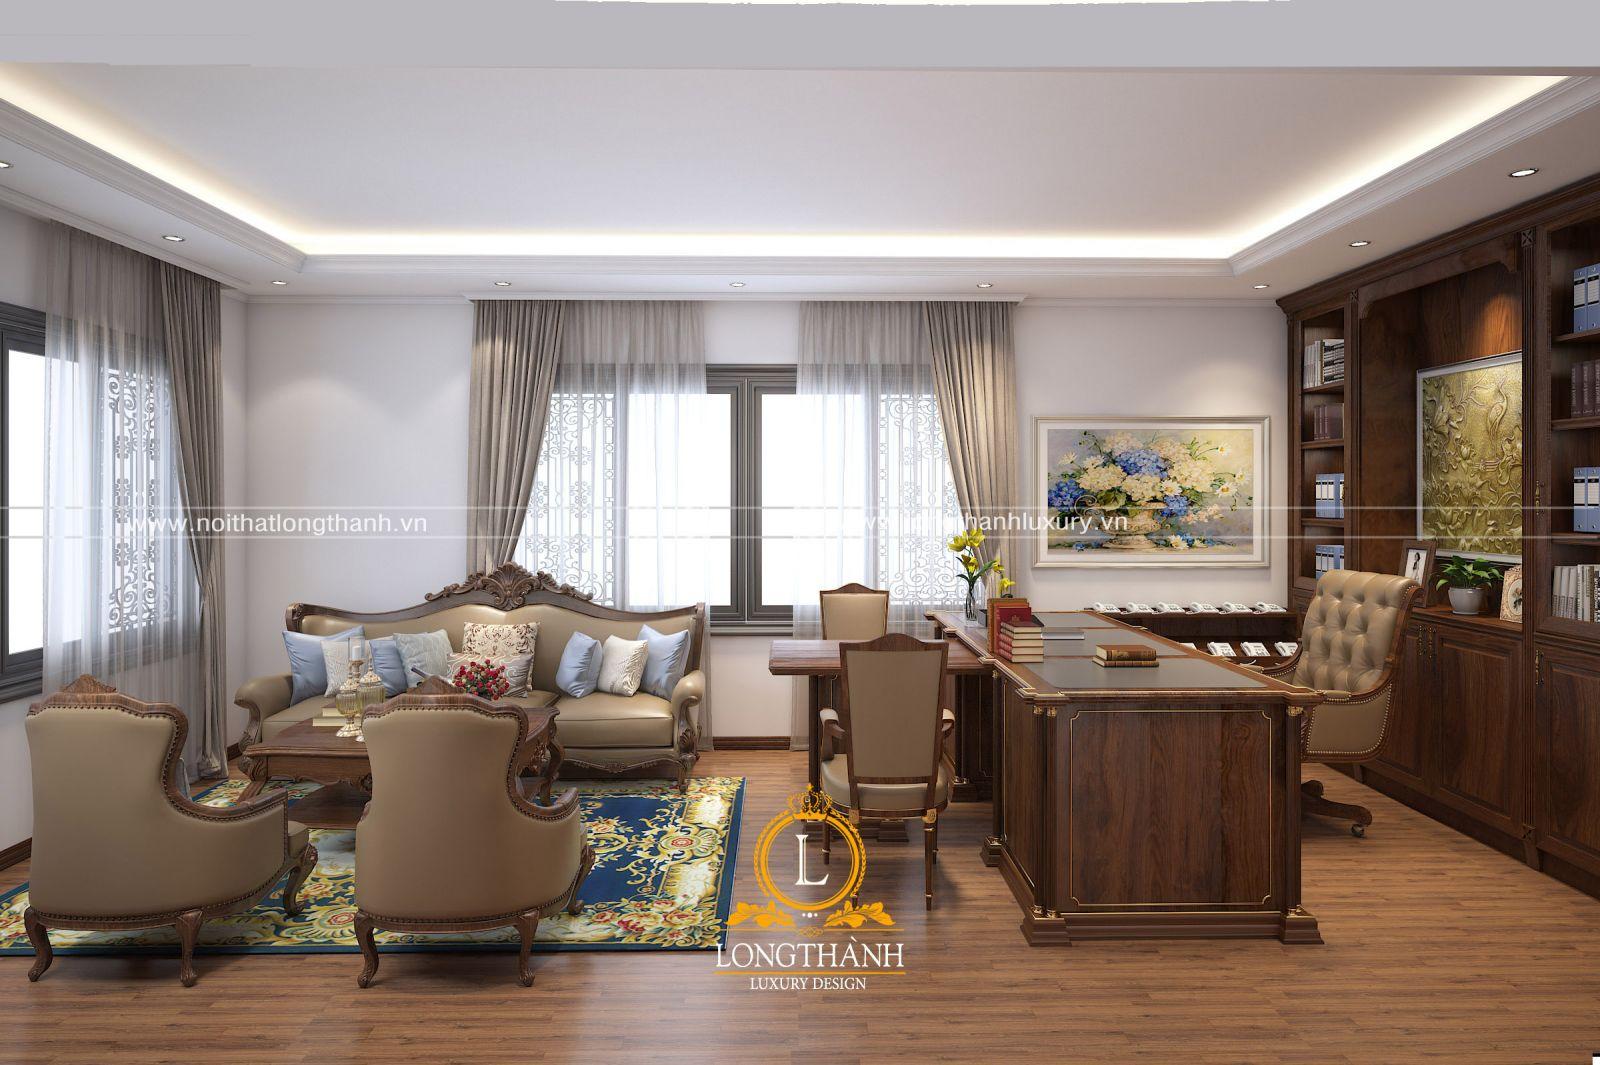 Dự án thiết kế không gian phòng làm việc anh Đức - Cầu Giấy, Hà Nội